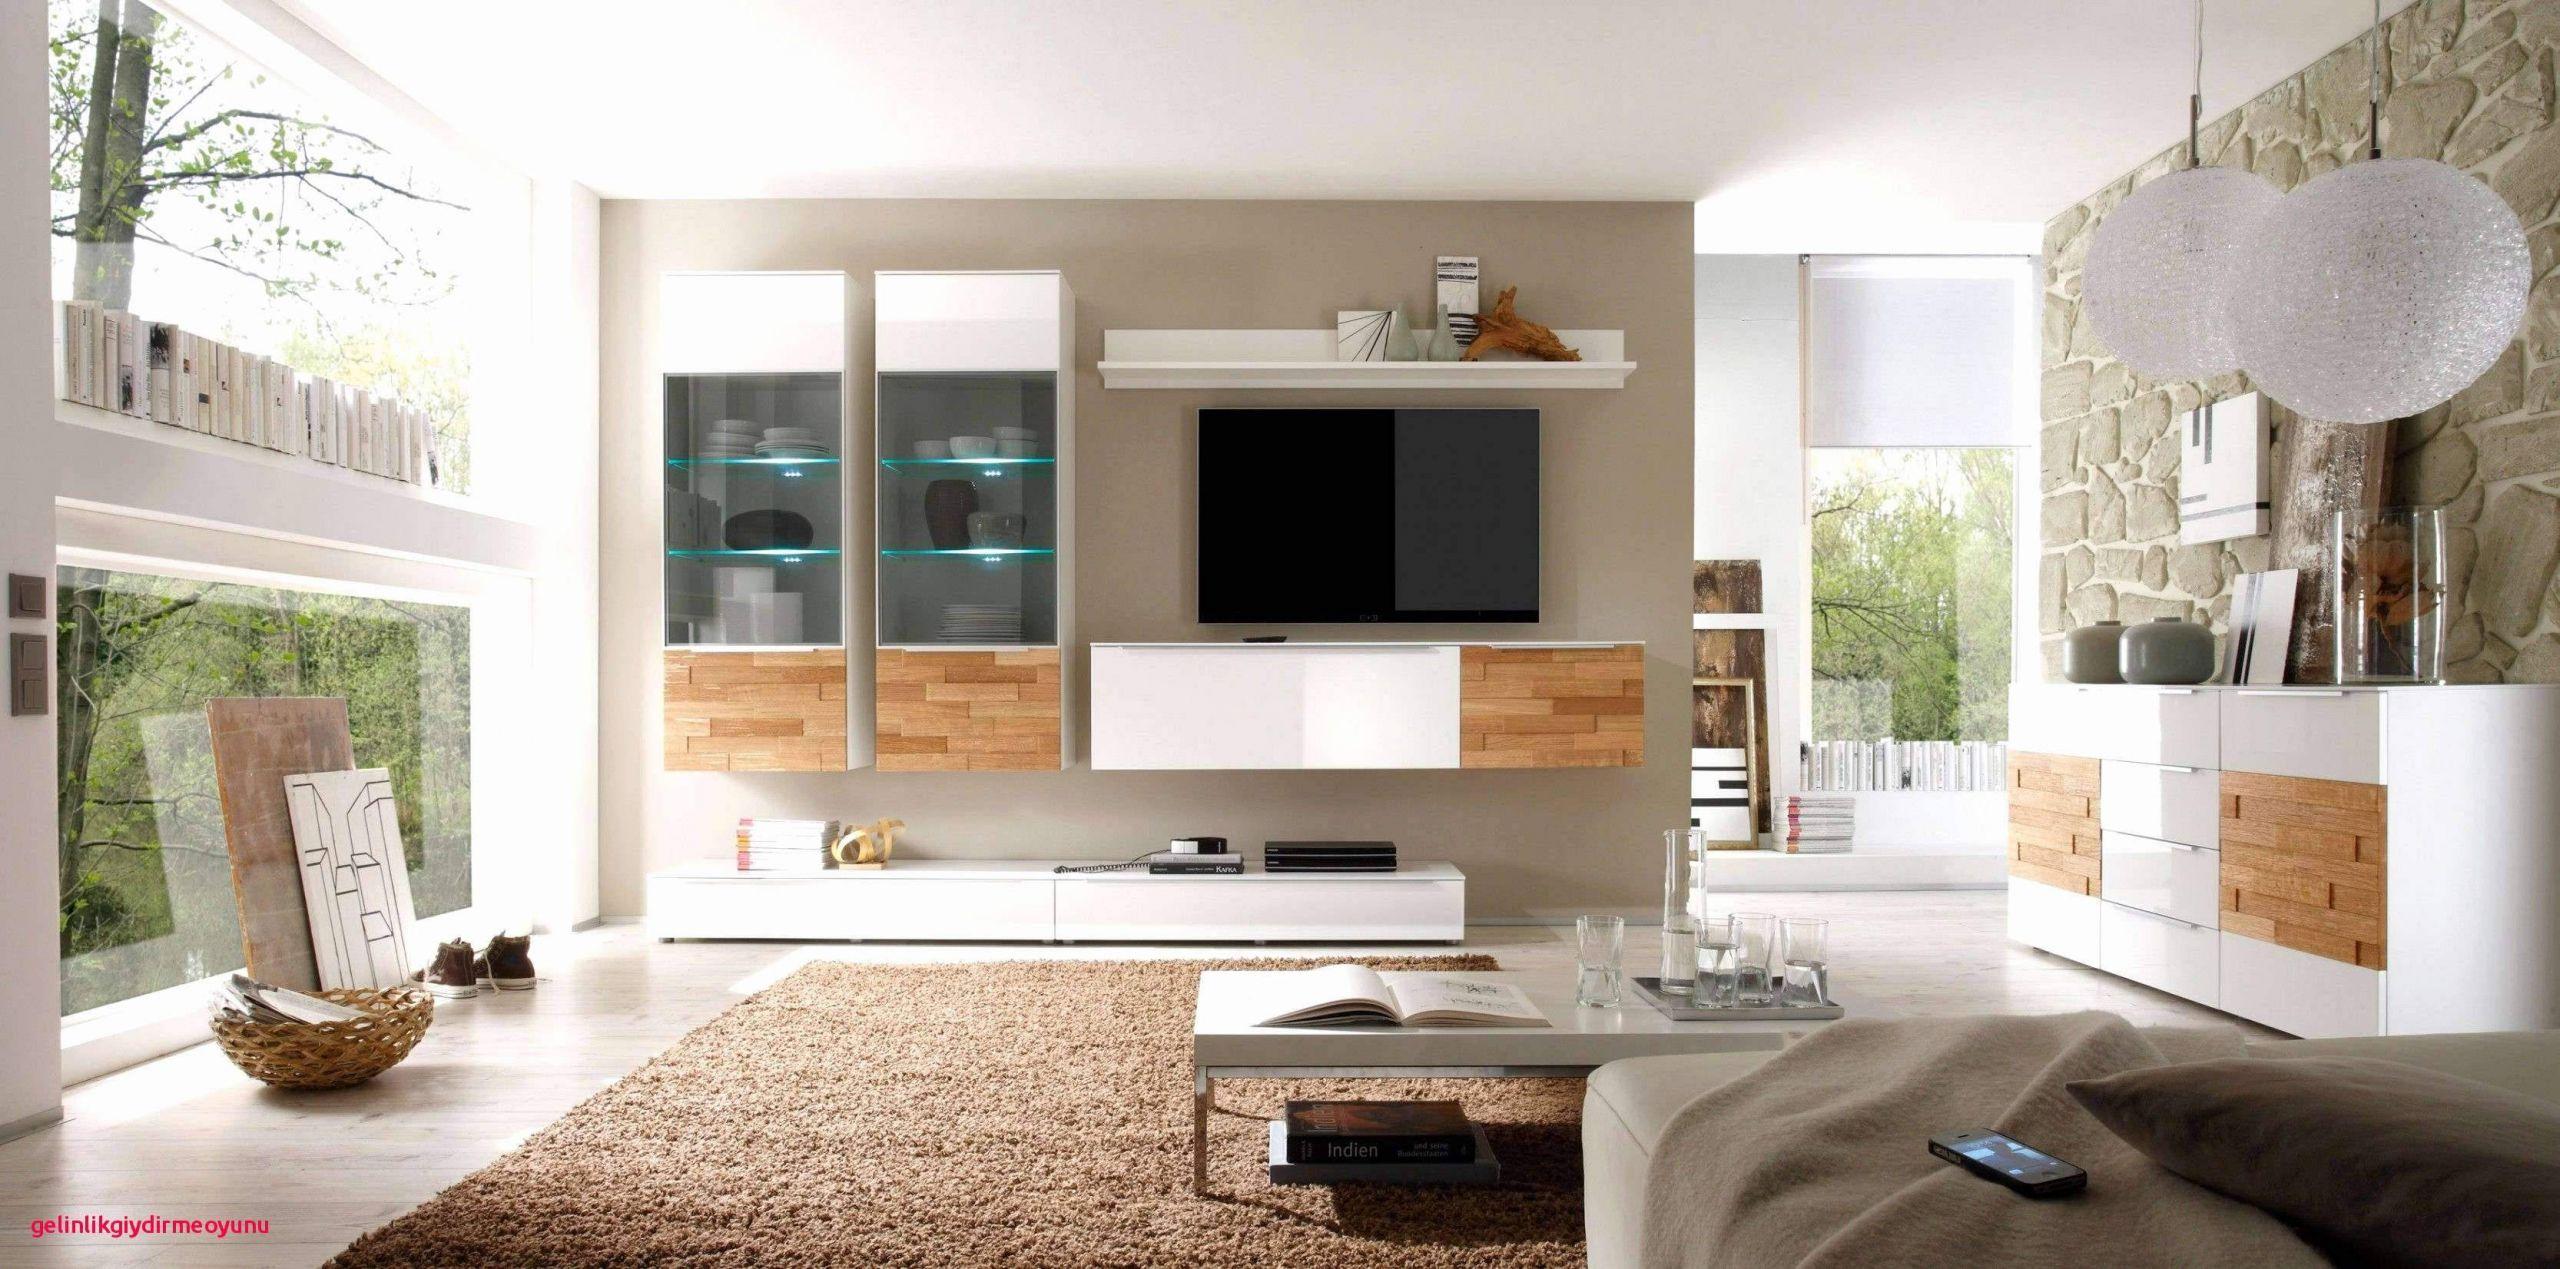 Full Size of Wanddeko Wohnzimmer Bilder Ideen Ikea Holz Diy Modern Metall Elegant Deko Beleuchtung Tisch Tischlampe Deckenlampen Teppiche Liege Lampen Wohnwand Stehleuchte Wohnzimmer Wanddeko Wohnzimmer